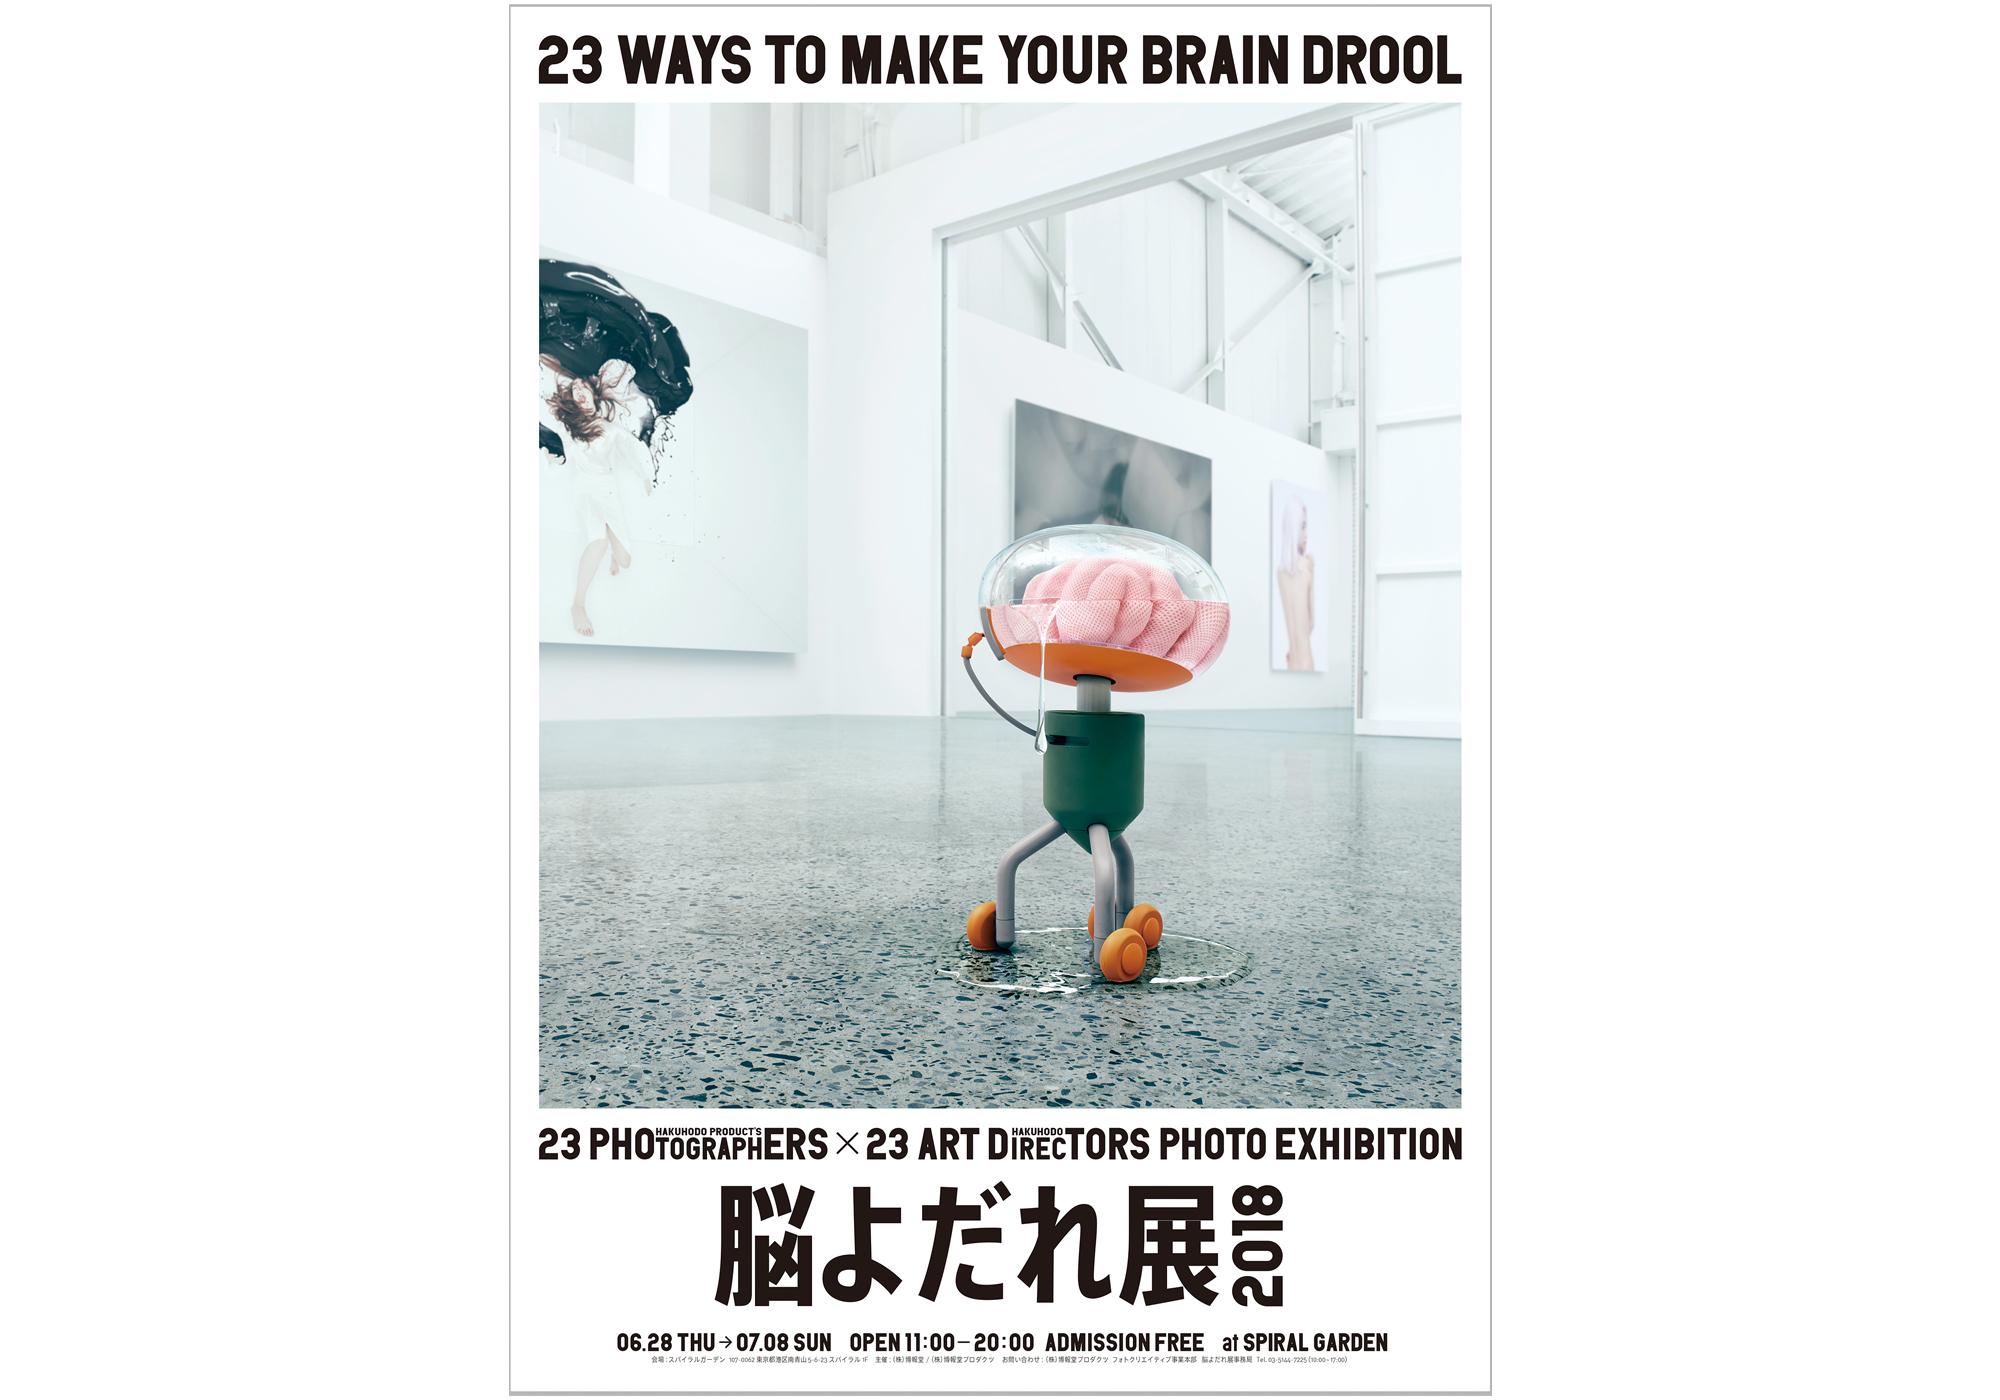 広告のプロフェッショナルがつくる、脳がよだれる23の手口「脳よだれ展2018」